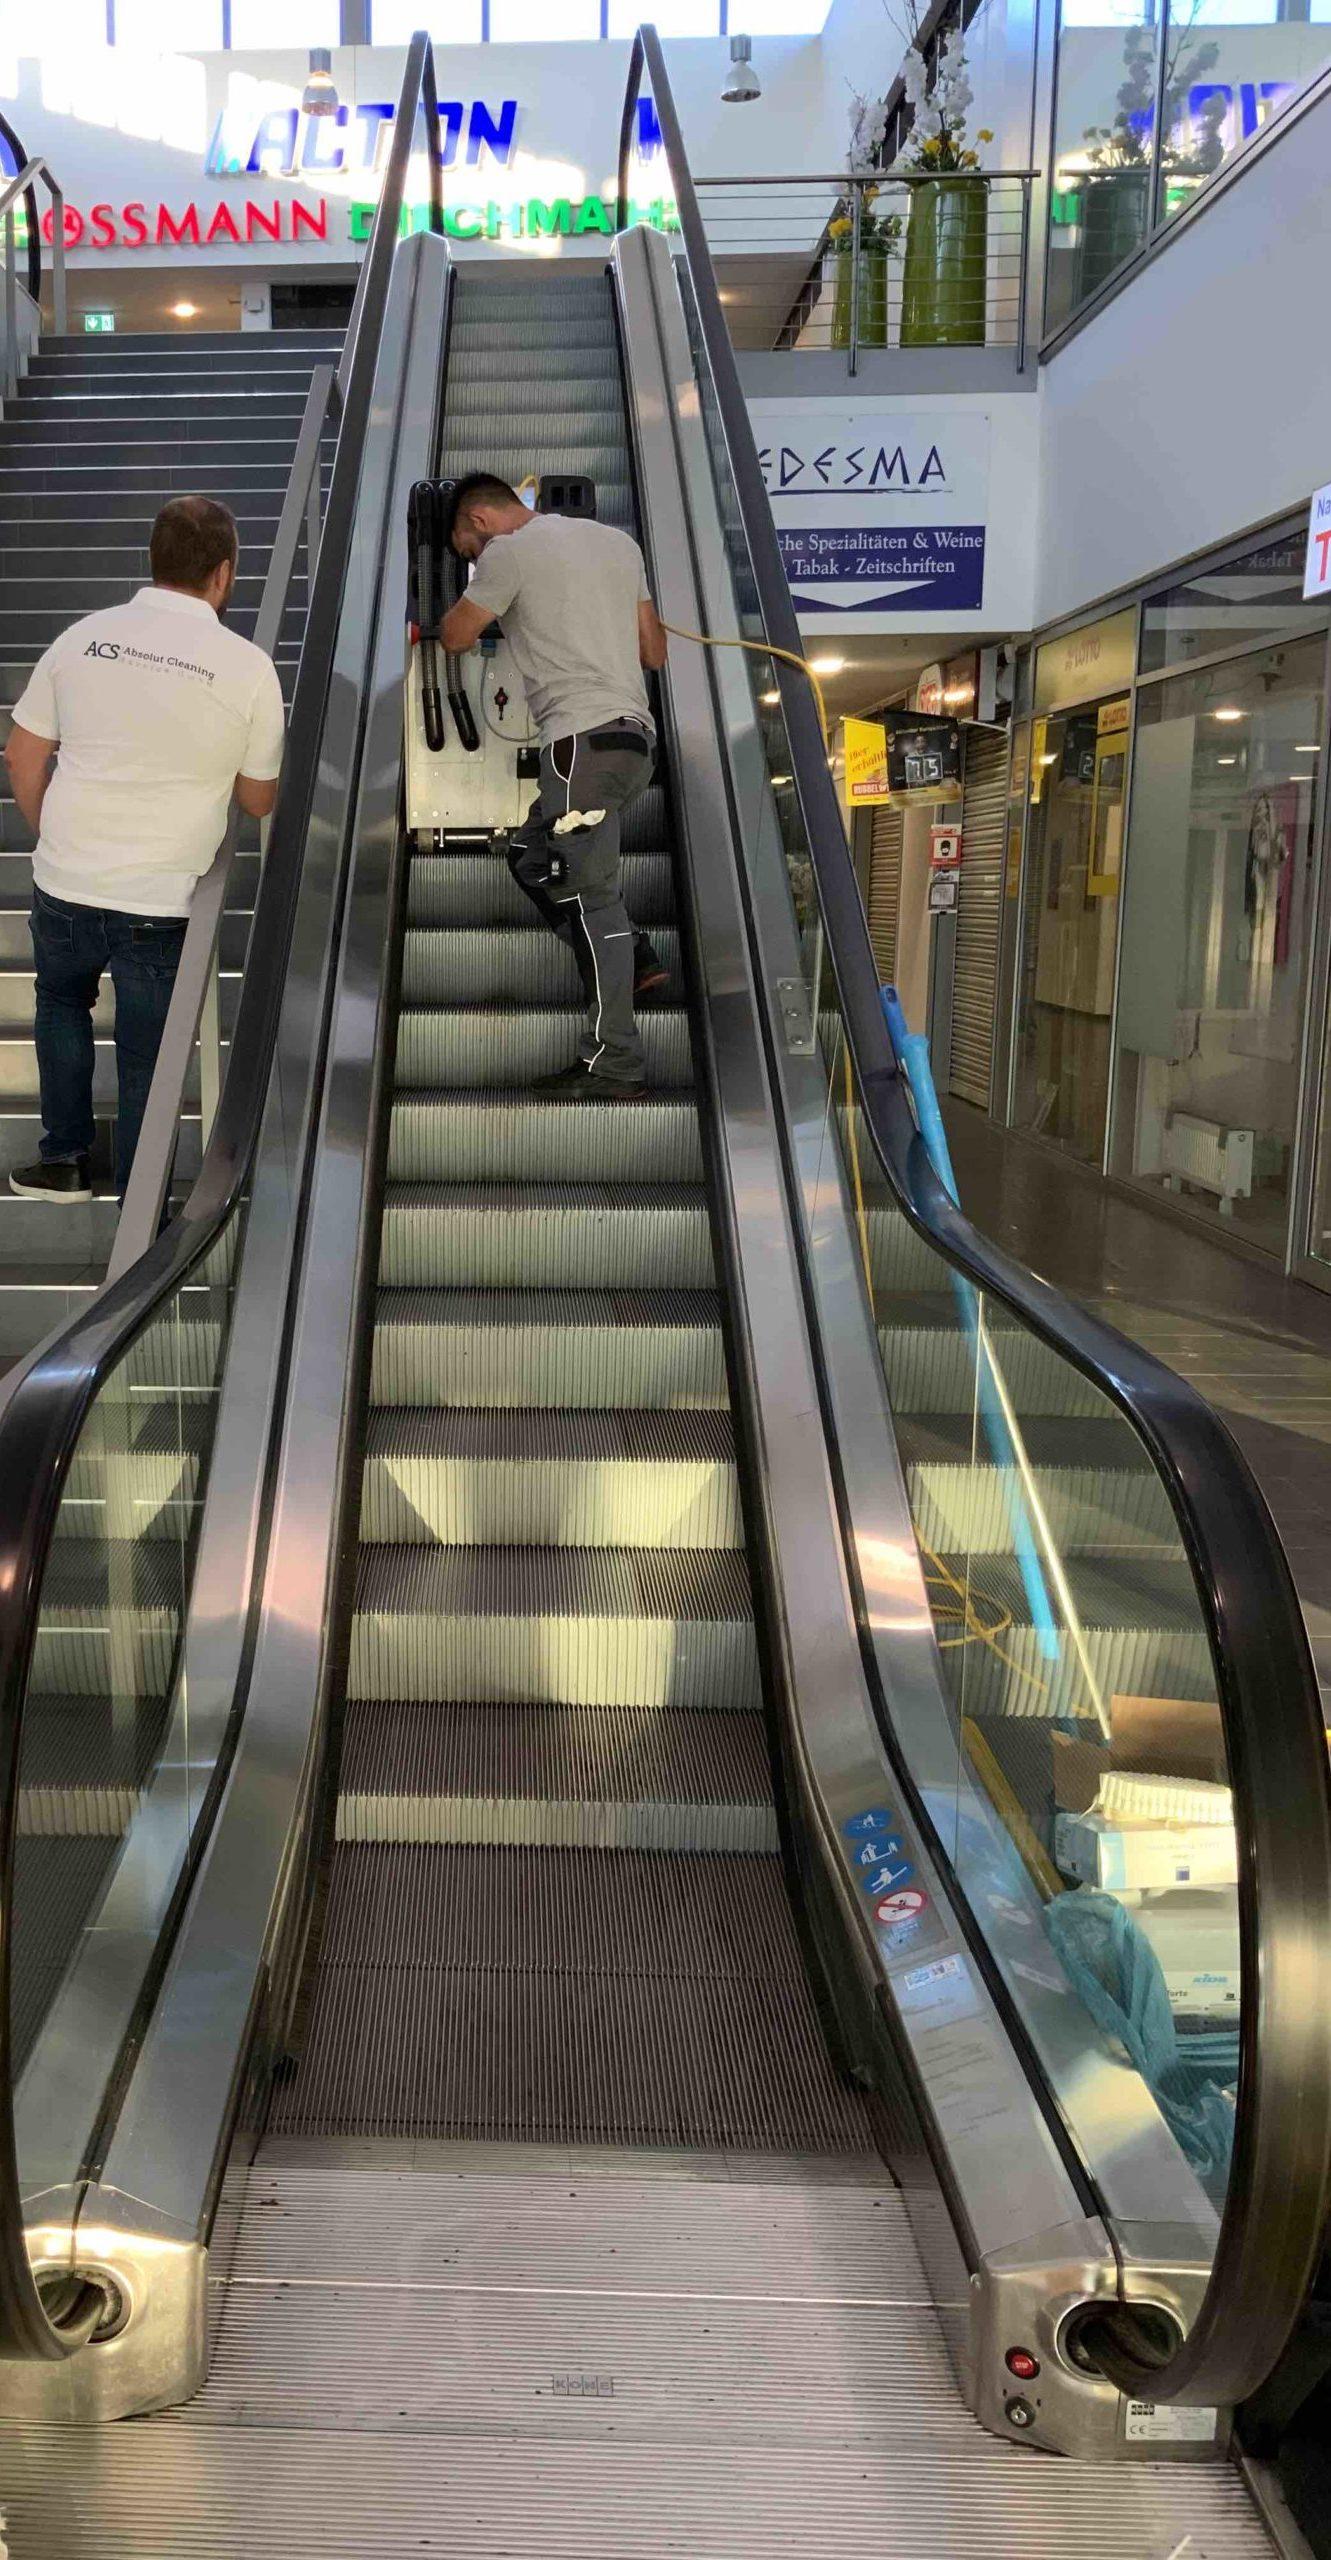 Rolltreppenreinigung im Einkaufszentrum